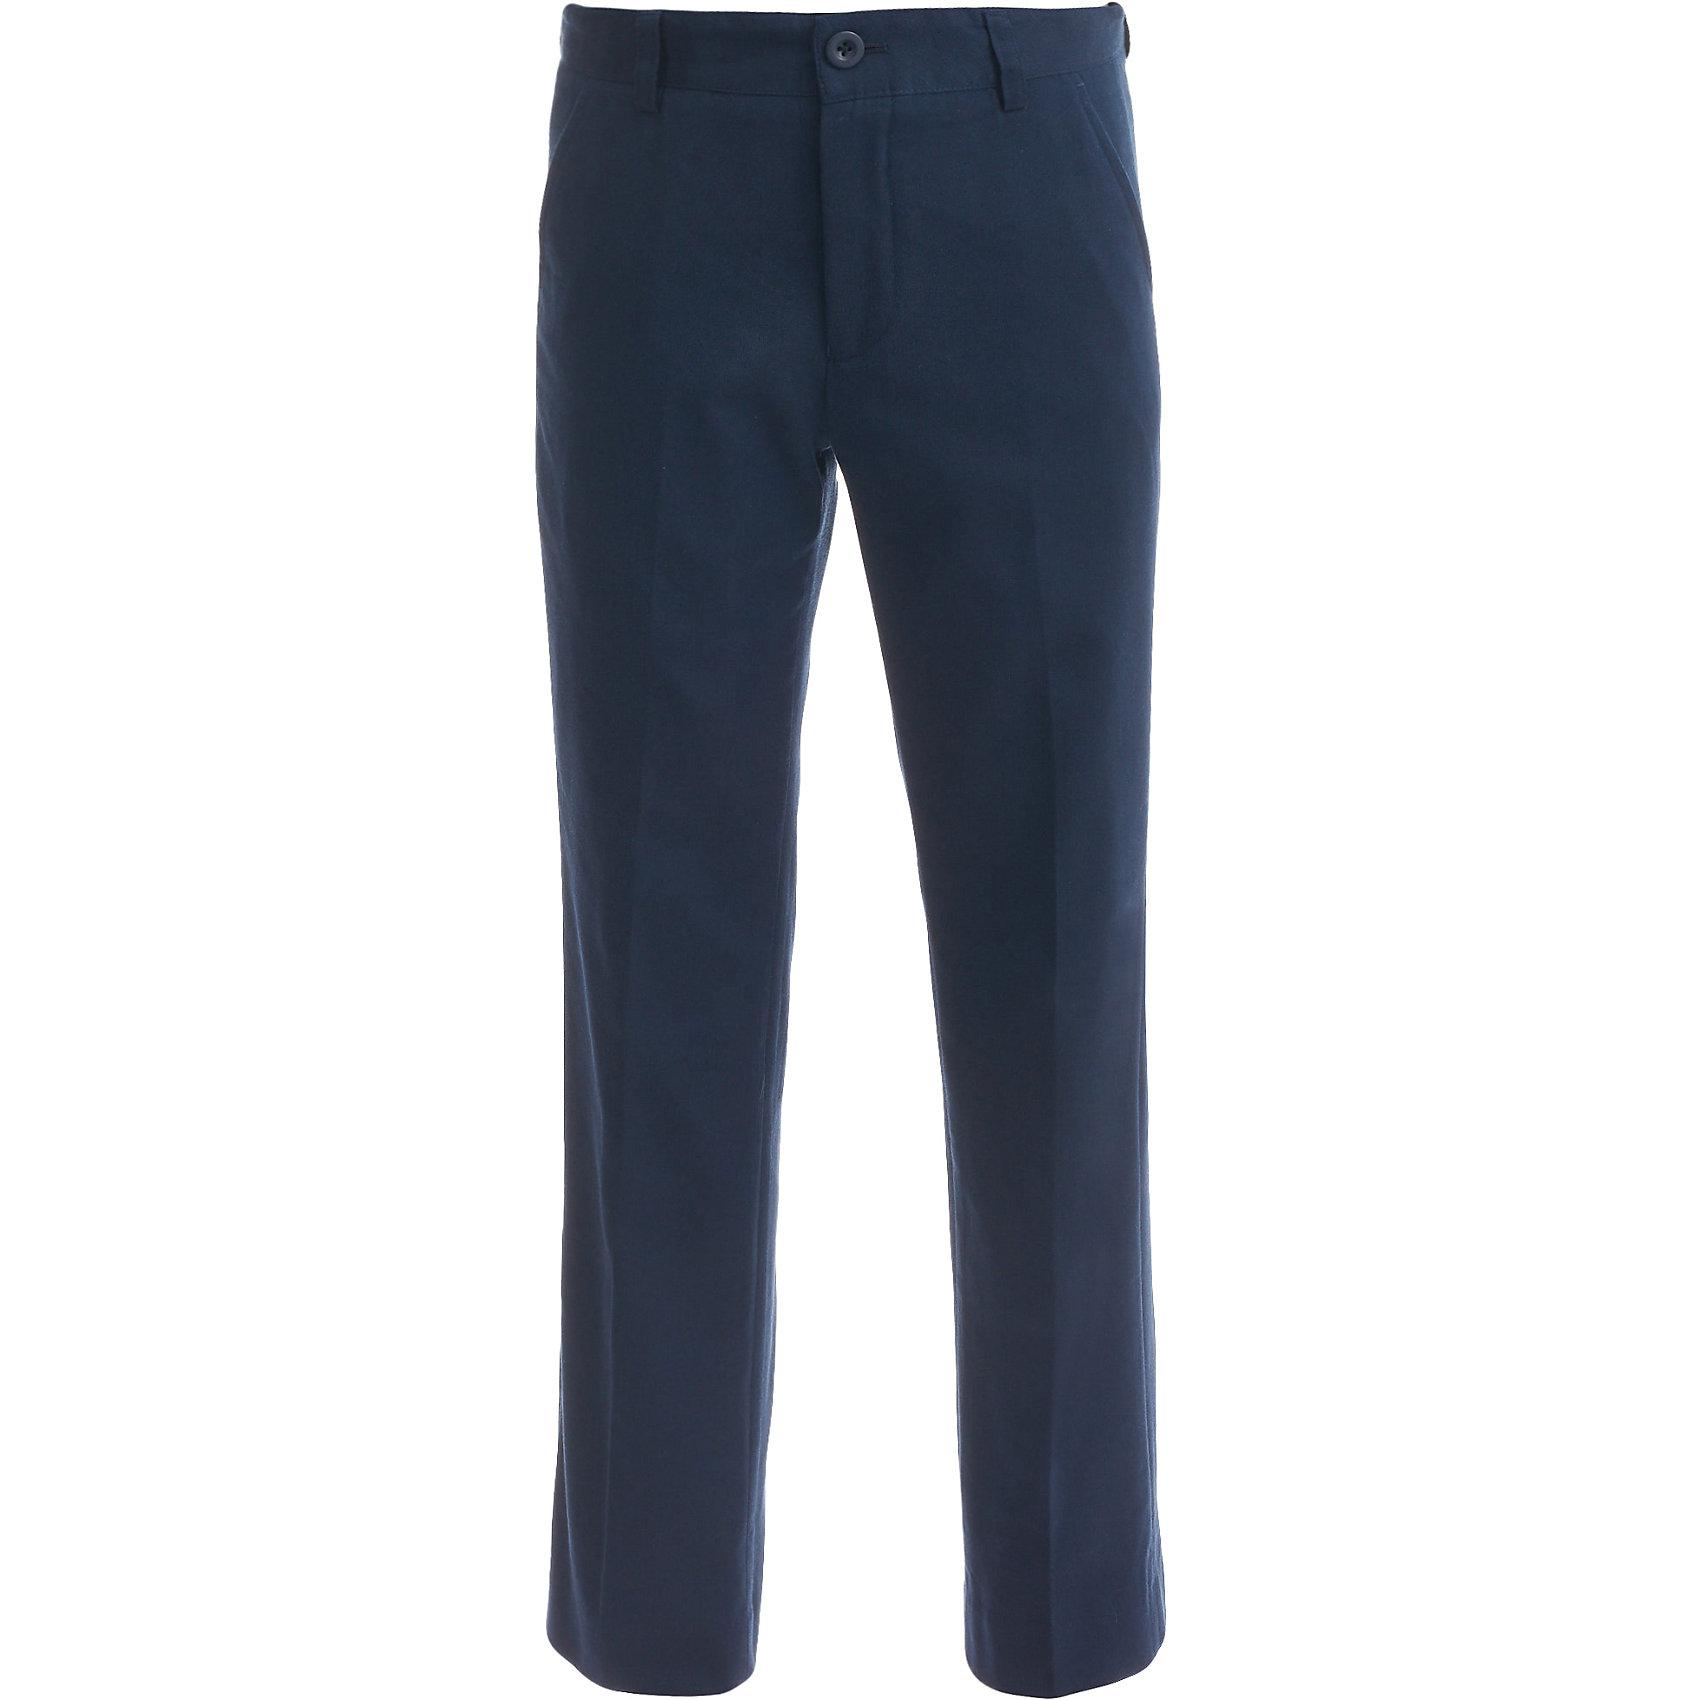 Брюки для мальчика BUTTON BLUEБрюки<br>Брюки для мальчика BUTTON BLUE<br>Школьные брюки от Button Blue - основа повседневного гардероба ученика. Брюки для школы практичны, хорошо сидят, не мешают свободе движений, обеспечивая ежедневный комфорт. Купить школьные брюки для мальчика стоит вместе с пиджаком, рубашкой, водолазкой, жилетом, создав несколько удобных и элегантных комплектов и на каждый день, и для торжественных случаев.<br>Состав:<br>38% хлопок,                      32% вискоза,                               23% полиэстер                               7% шерсть                     подкл.:  50% вискоза           50% полиэстер<br><br>Ширина мм: 215<br>Глубина мм: 88<br>Высота мм: 191<br>Вес г: 336<br>Цвет: синий<br>Возраст от месяцев: 84<br>Возраст до месяцев: 96<br>Пол: Мужской<br>Возраст: Детский<br>Размер: 128,134,140,146,152,158,164,122<br>SKU: 6739251